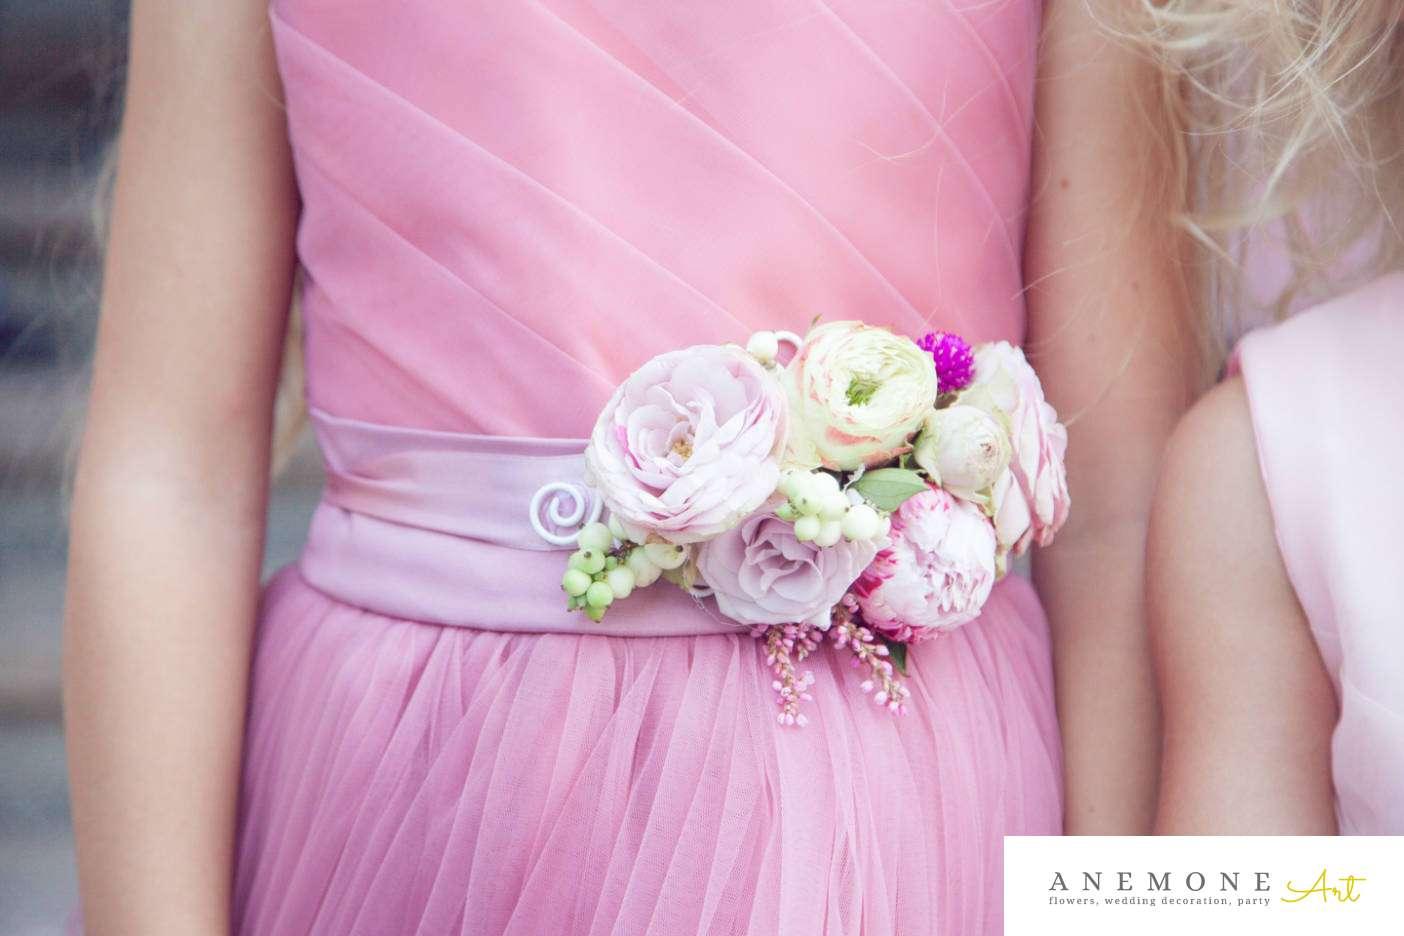 Poza, foto cu Flori de nunta bujori, cordon domnisoare in Arad, Timisoara, Oradea (wedding flowers, bouquets) nunta Arad, Timisoara, Oradea